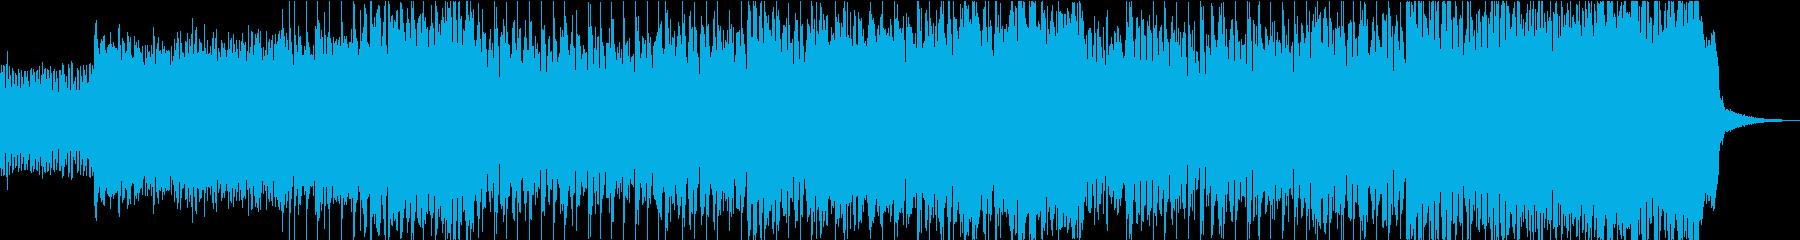 古典的で厳粛な雰囲気の曲の再生済みの波形